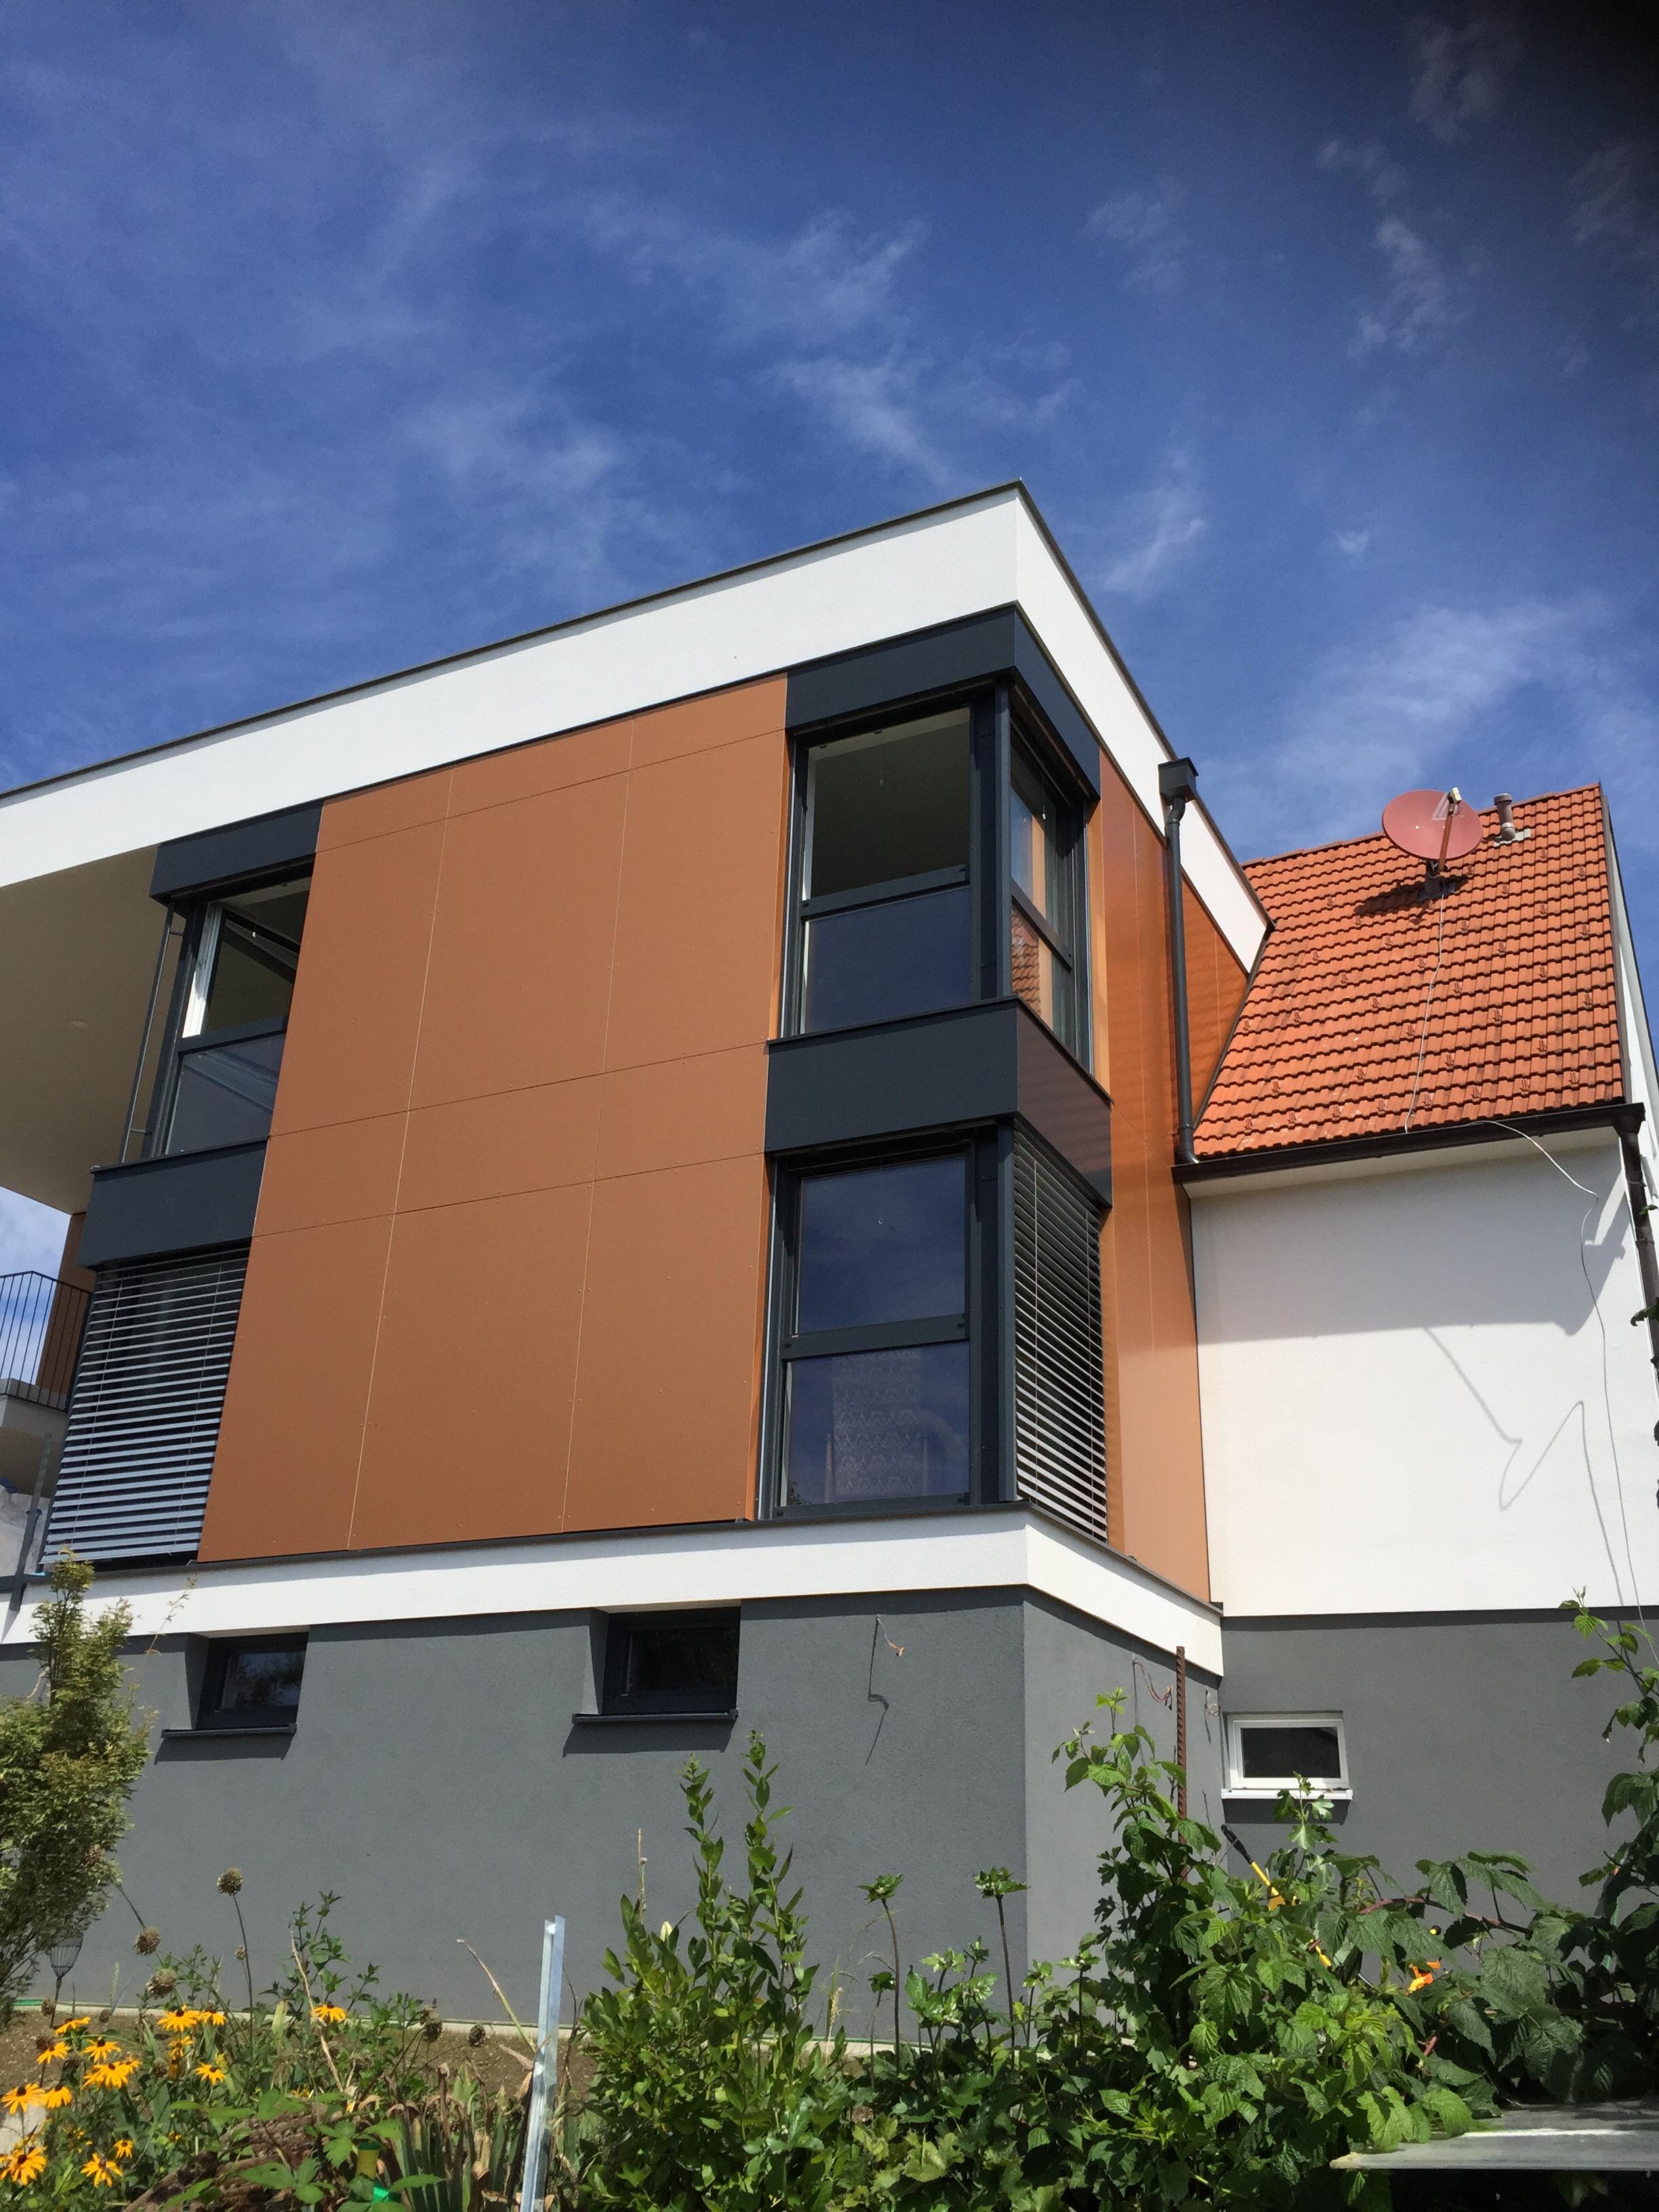 Einfamilienhaus Mit Fassade Zidek